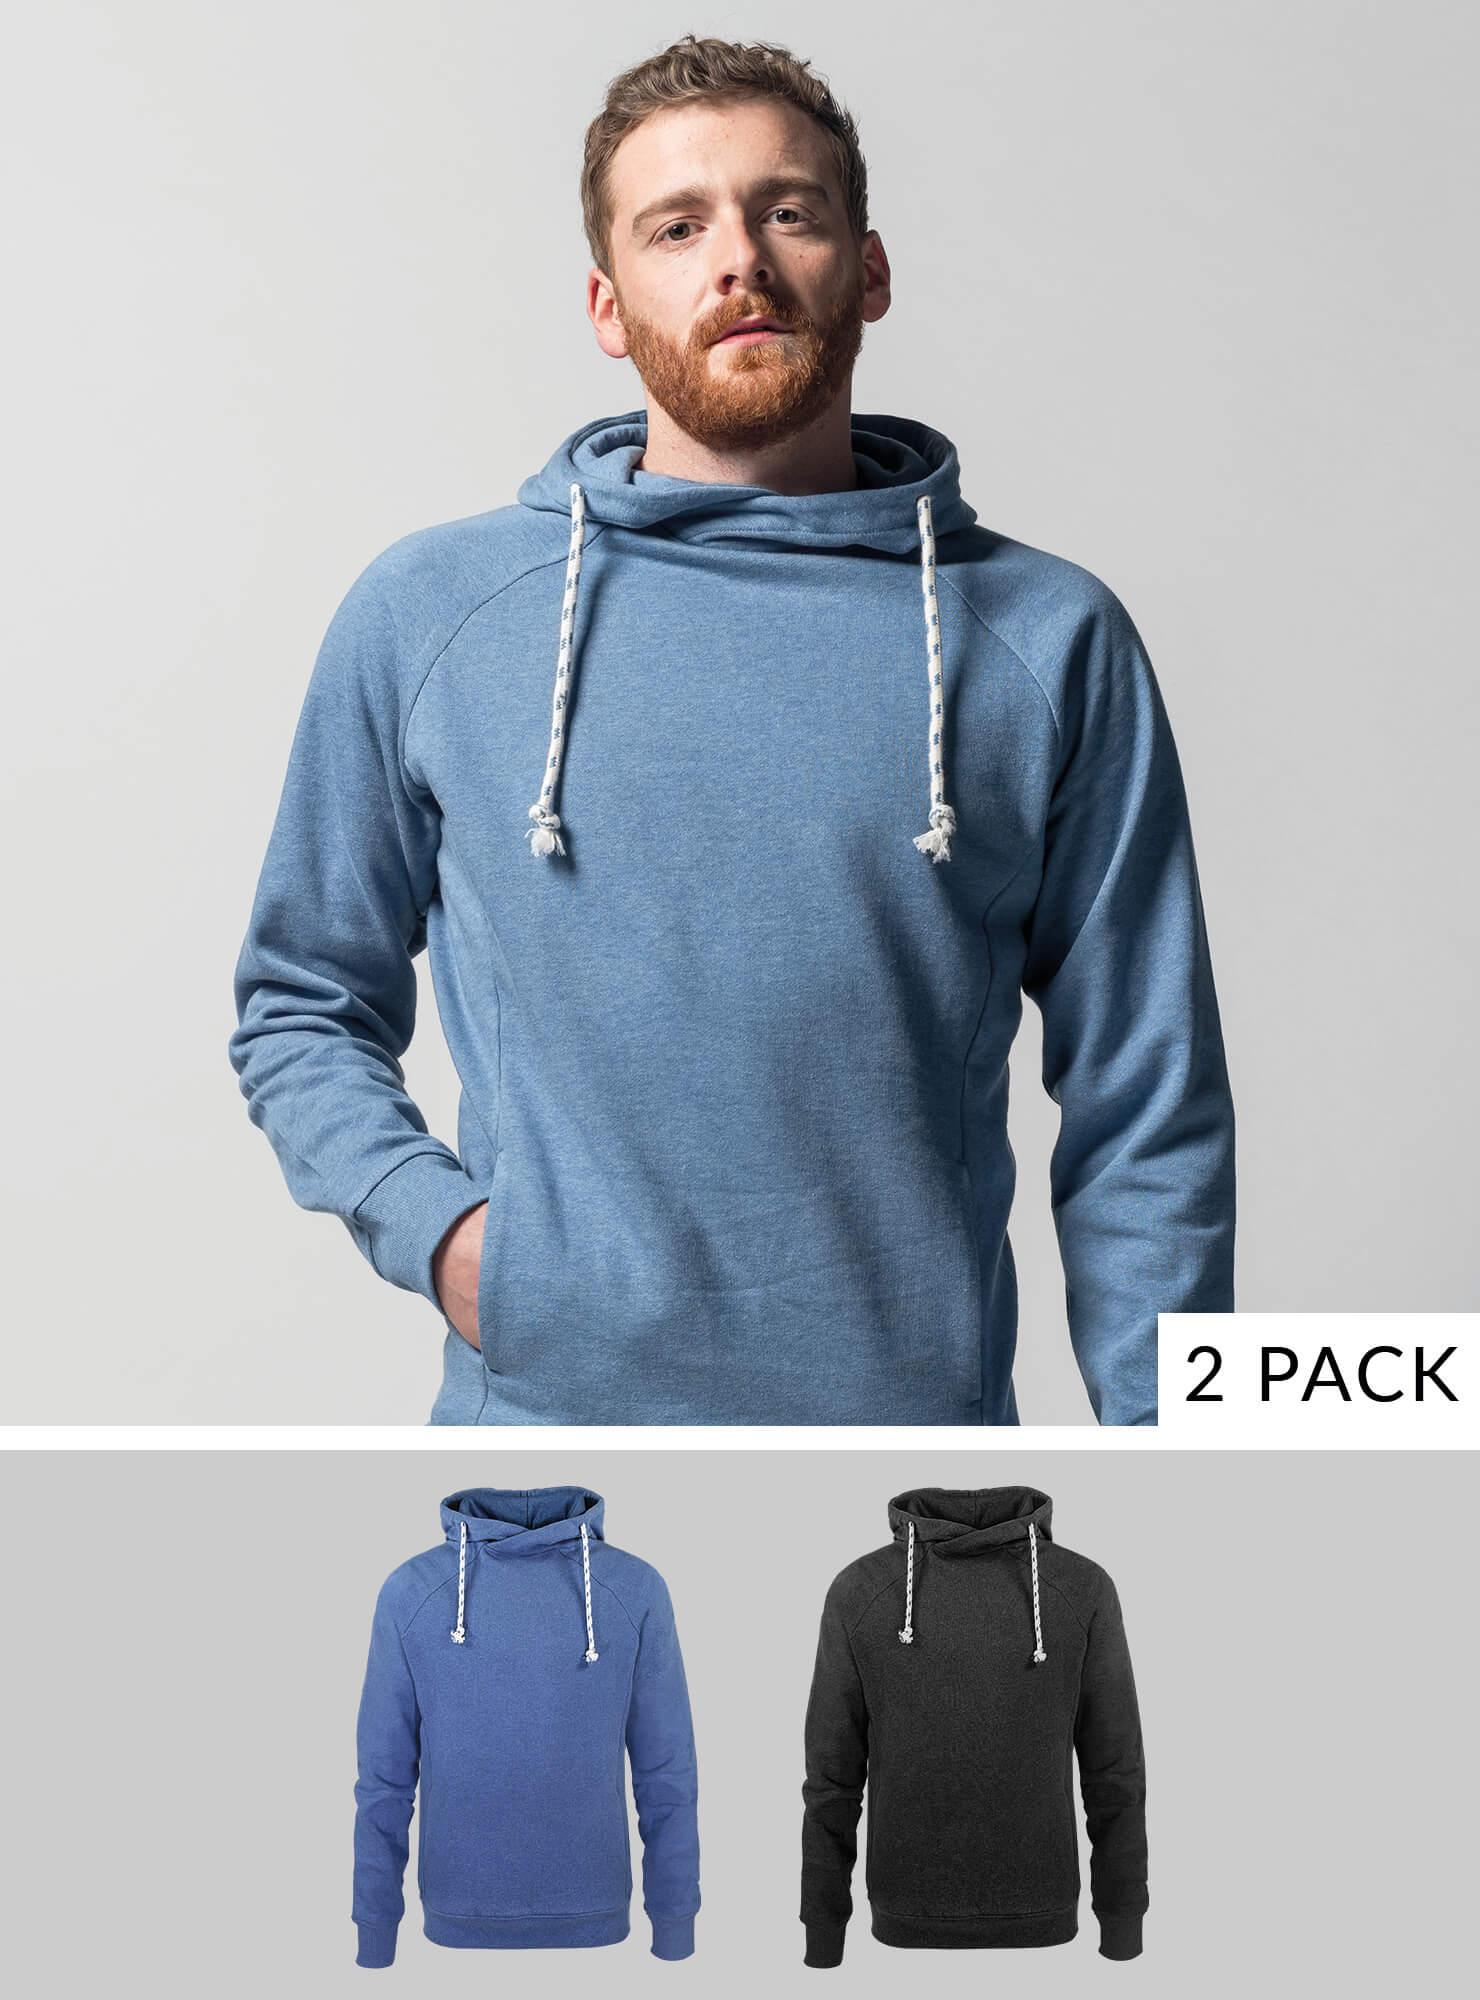 2-Pack Men's Hoodie